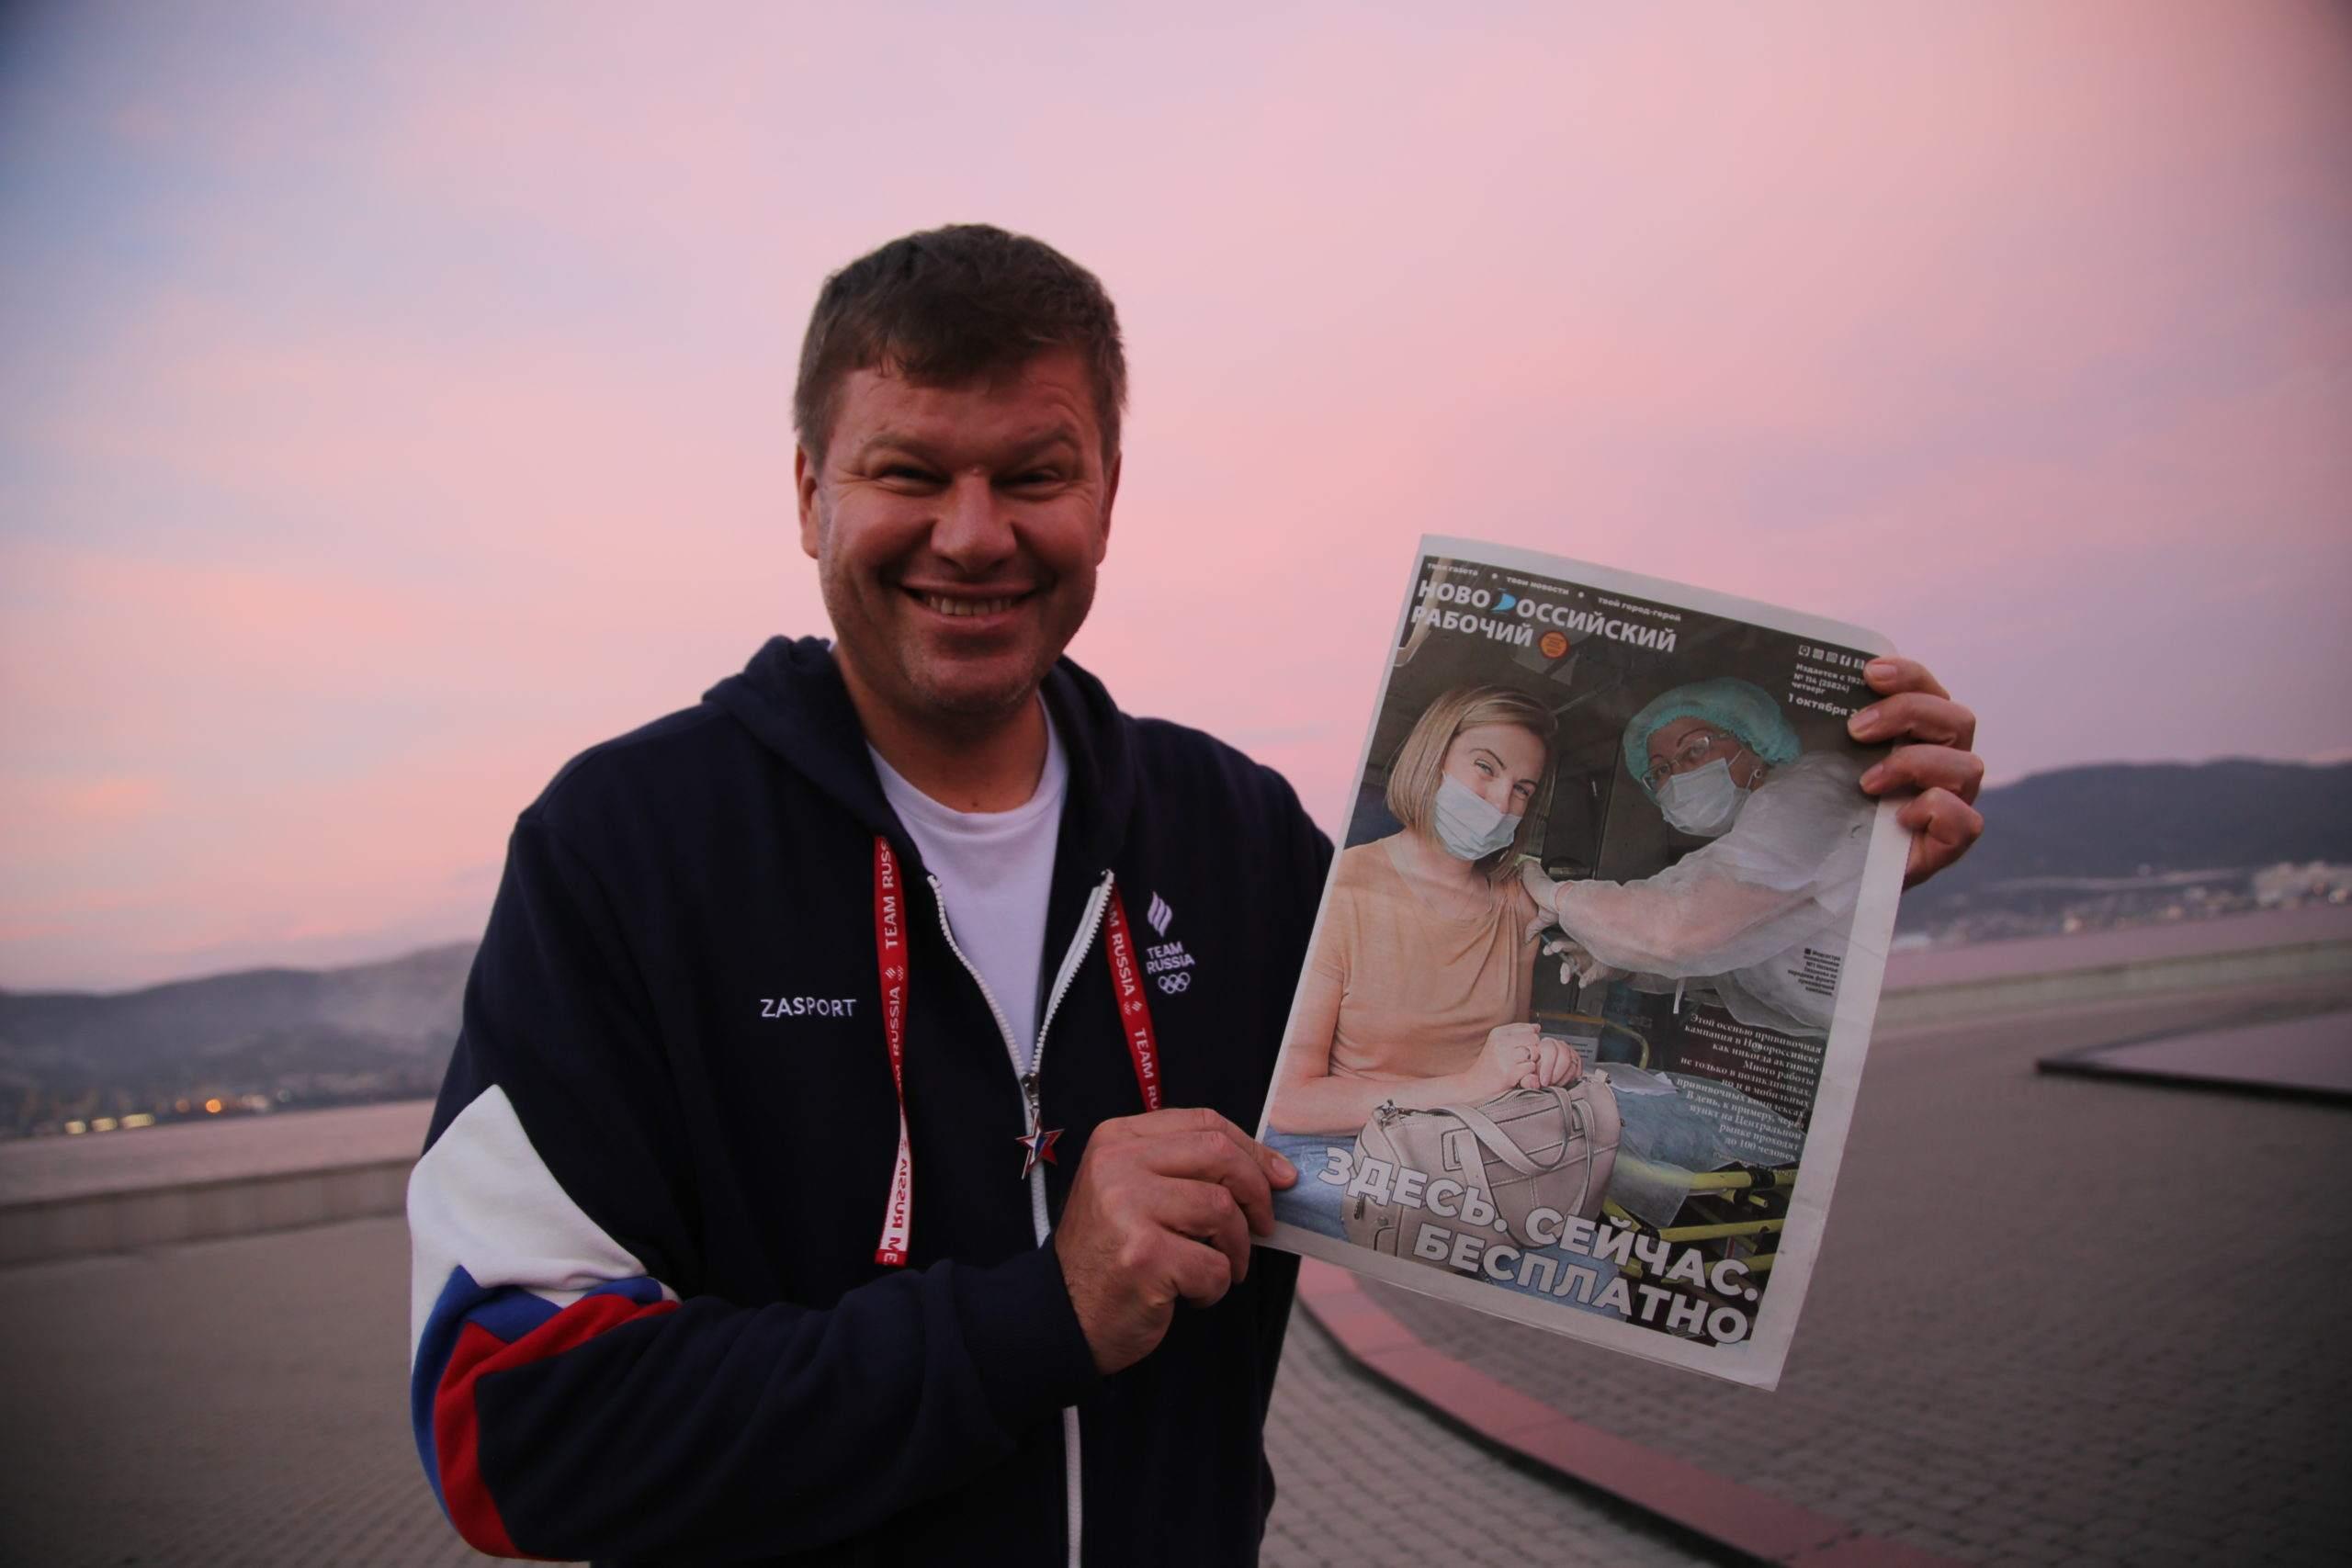 Дмитрий Губерниев признался «НР», что он «на 3ОЖе, на стиле, на сексе!»